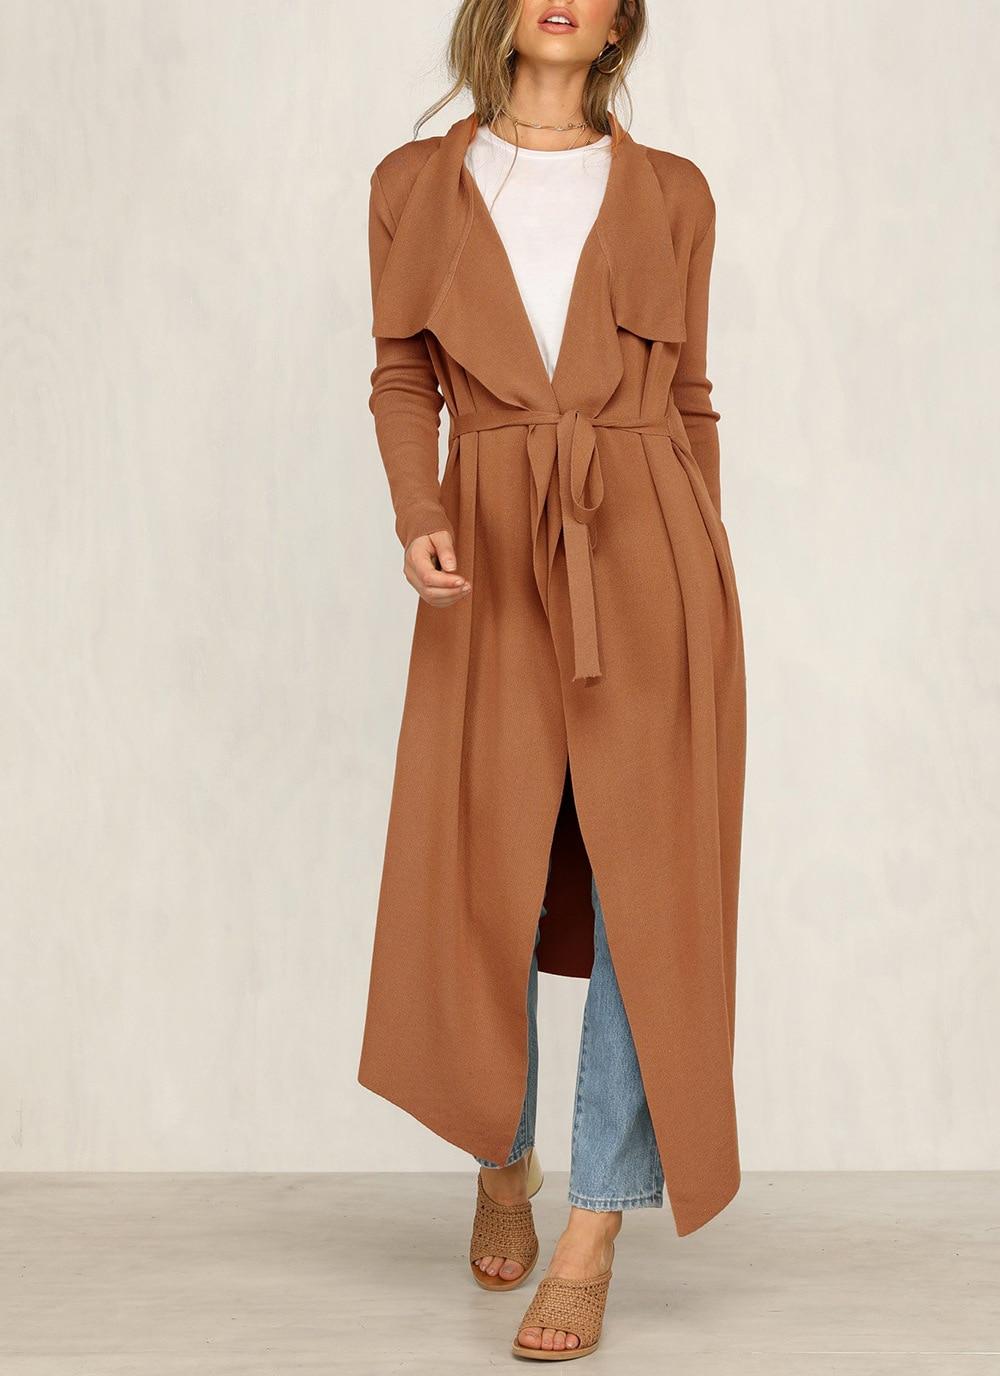 Elegant Women Jacket Long Coat Outwear Veste  Femme Winter Muslim Cardigan Robes Kimono Jubah Arab Eid Ramadan Islamic